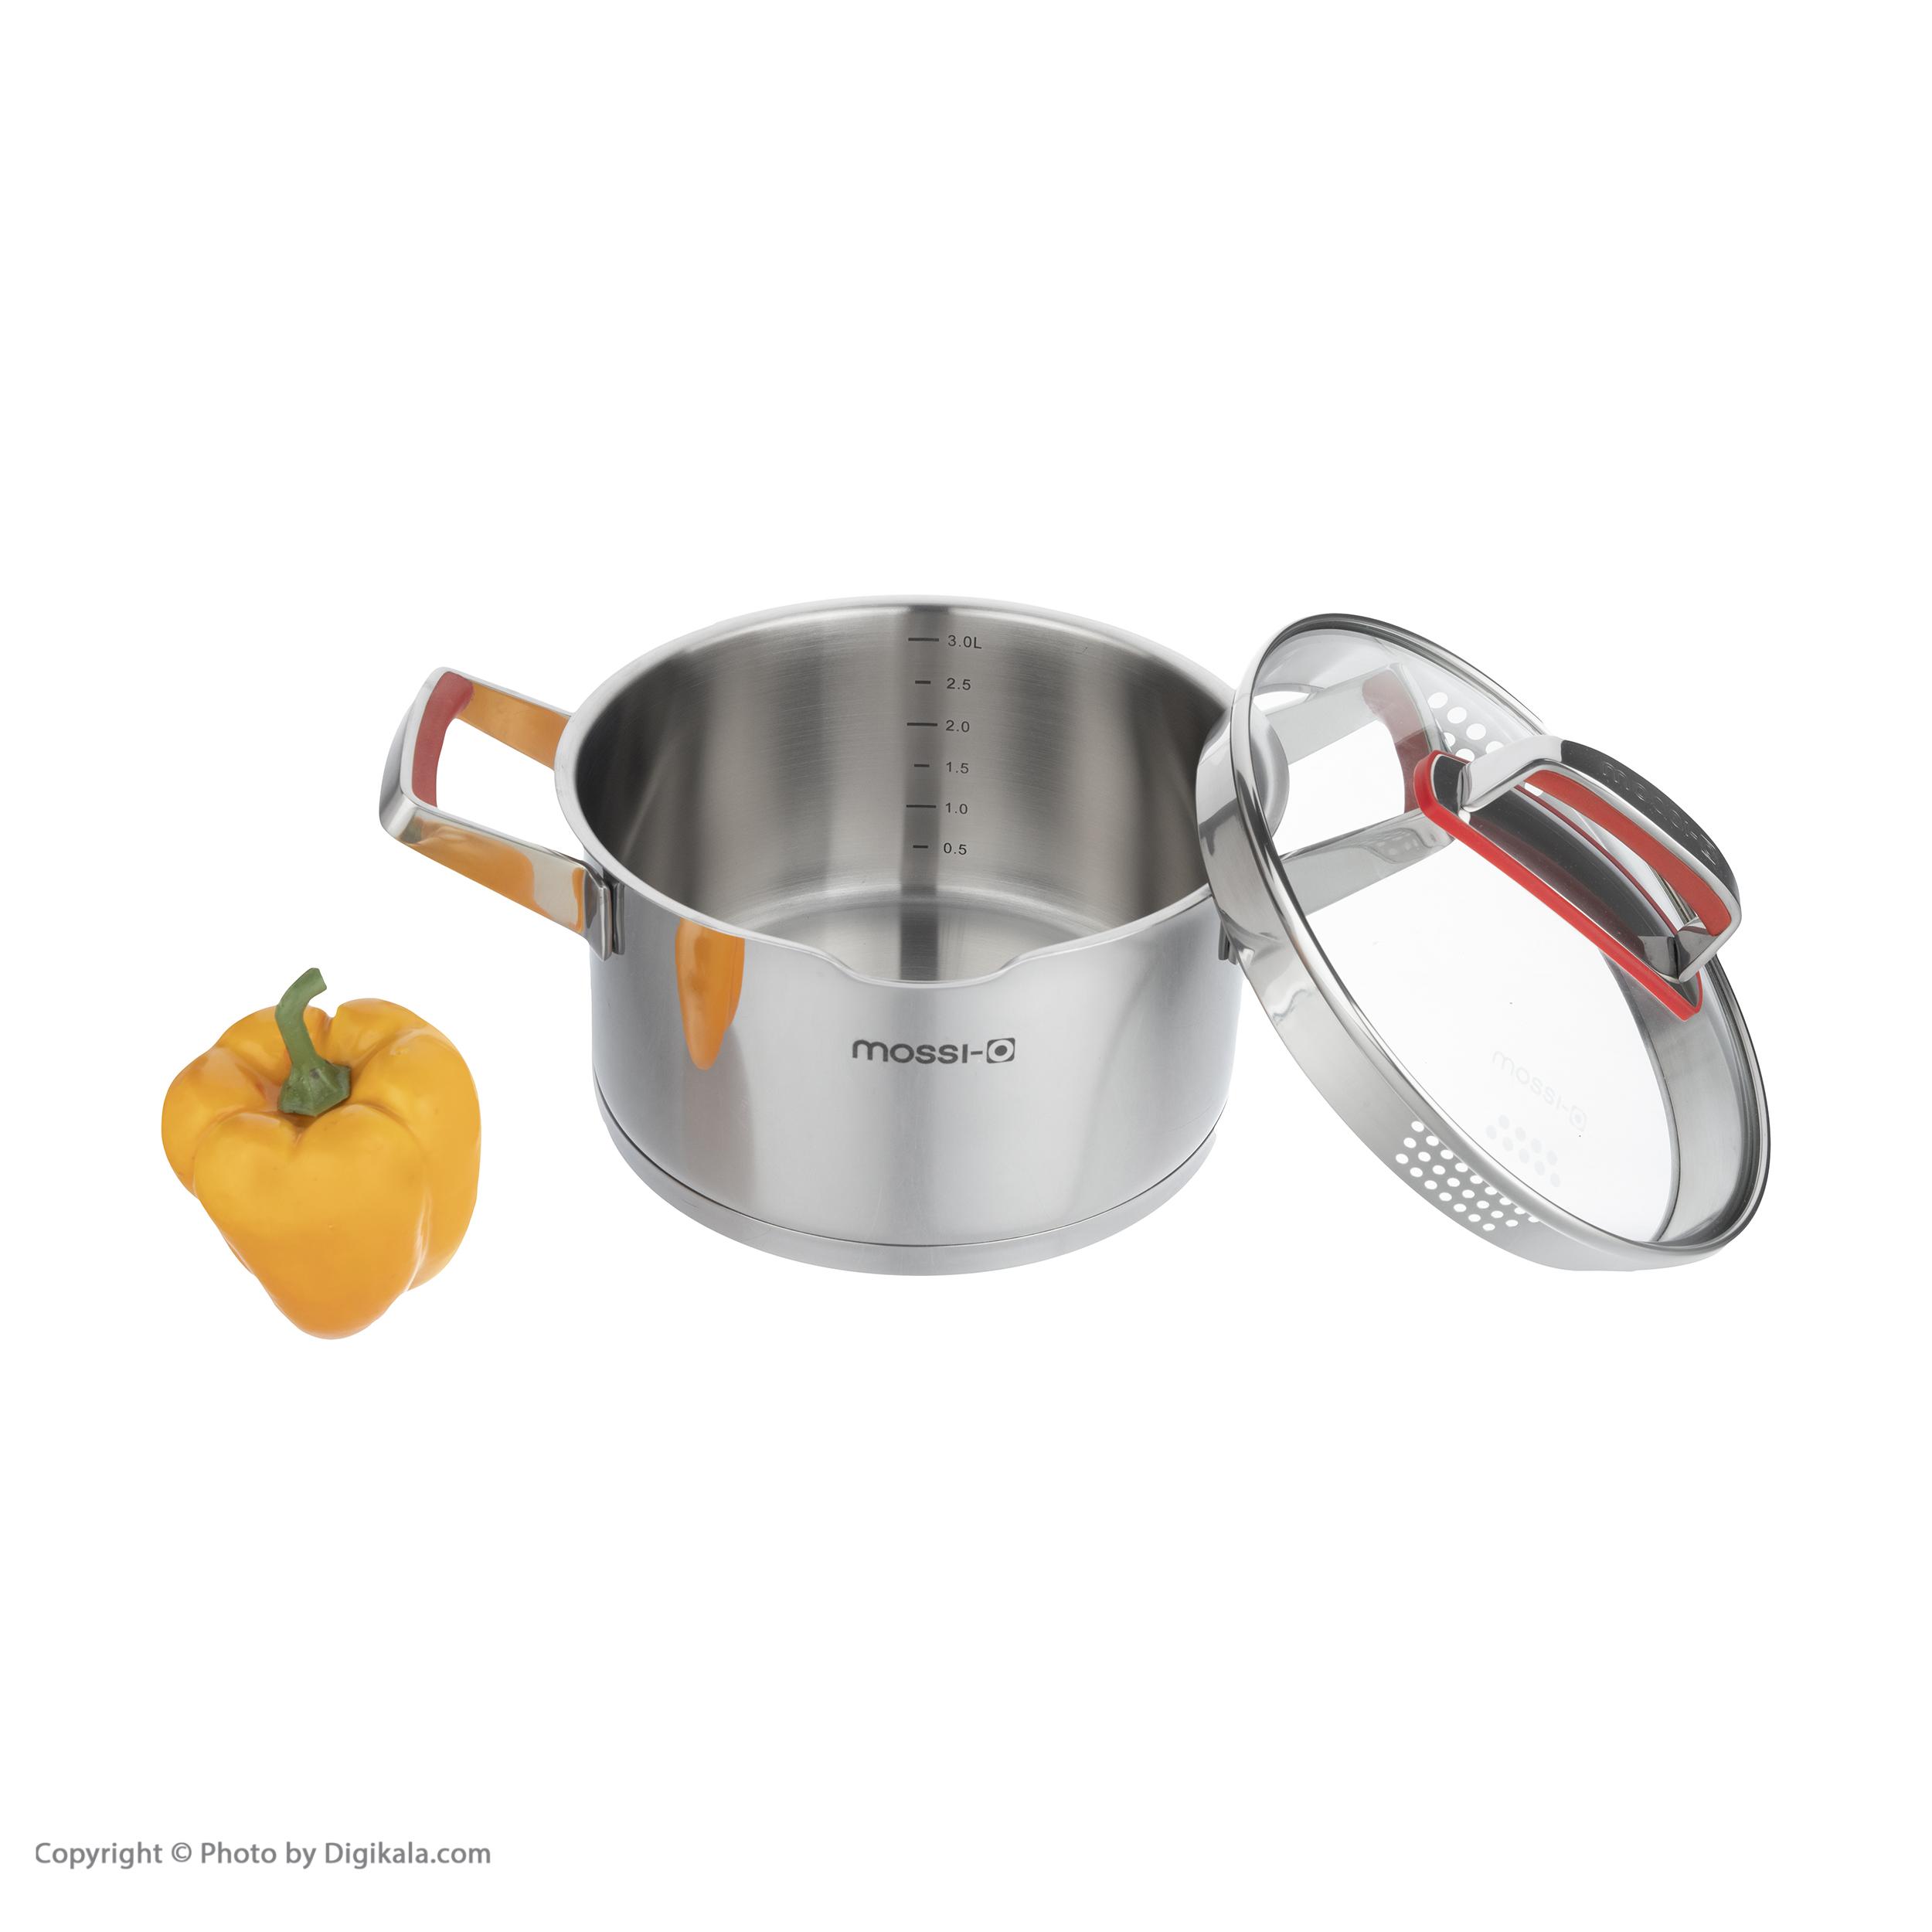 سرویس پخت و پز 10 پارچه موسیو مدل Rafaello